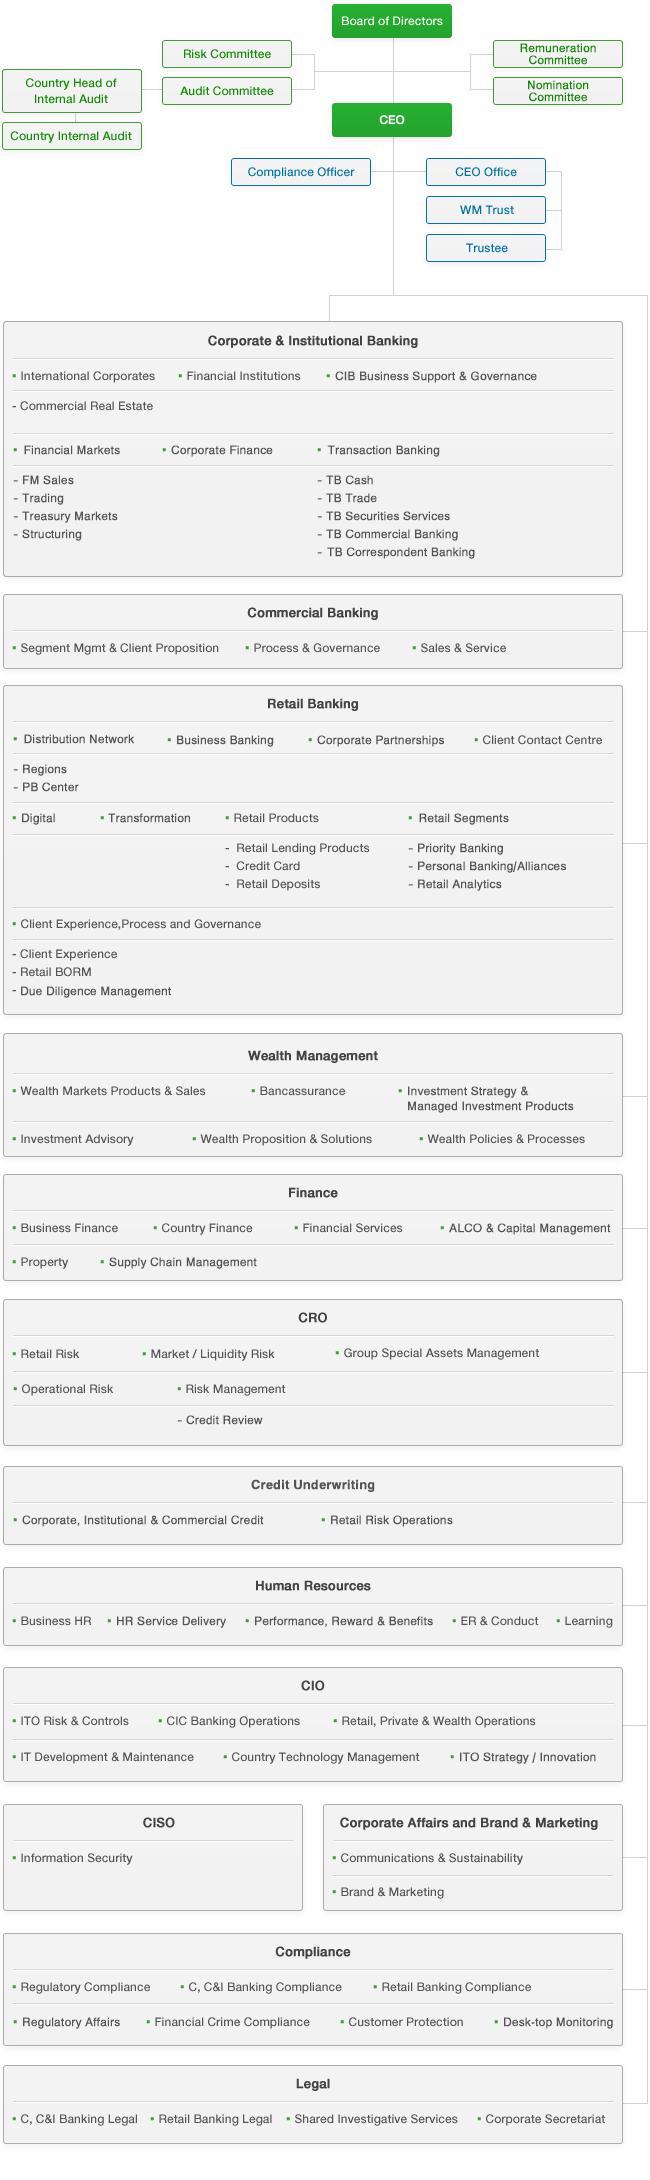 Sc bank organization chart - Standard bank head office contact details ...